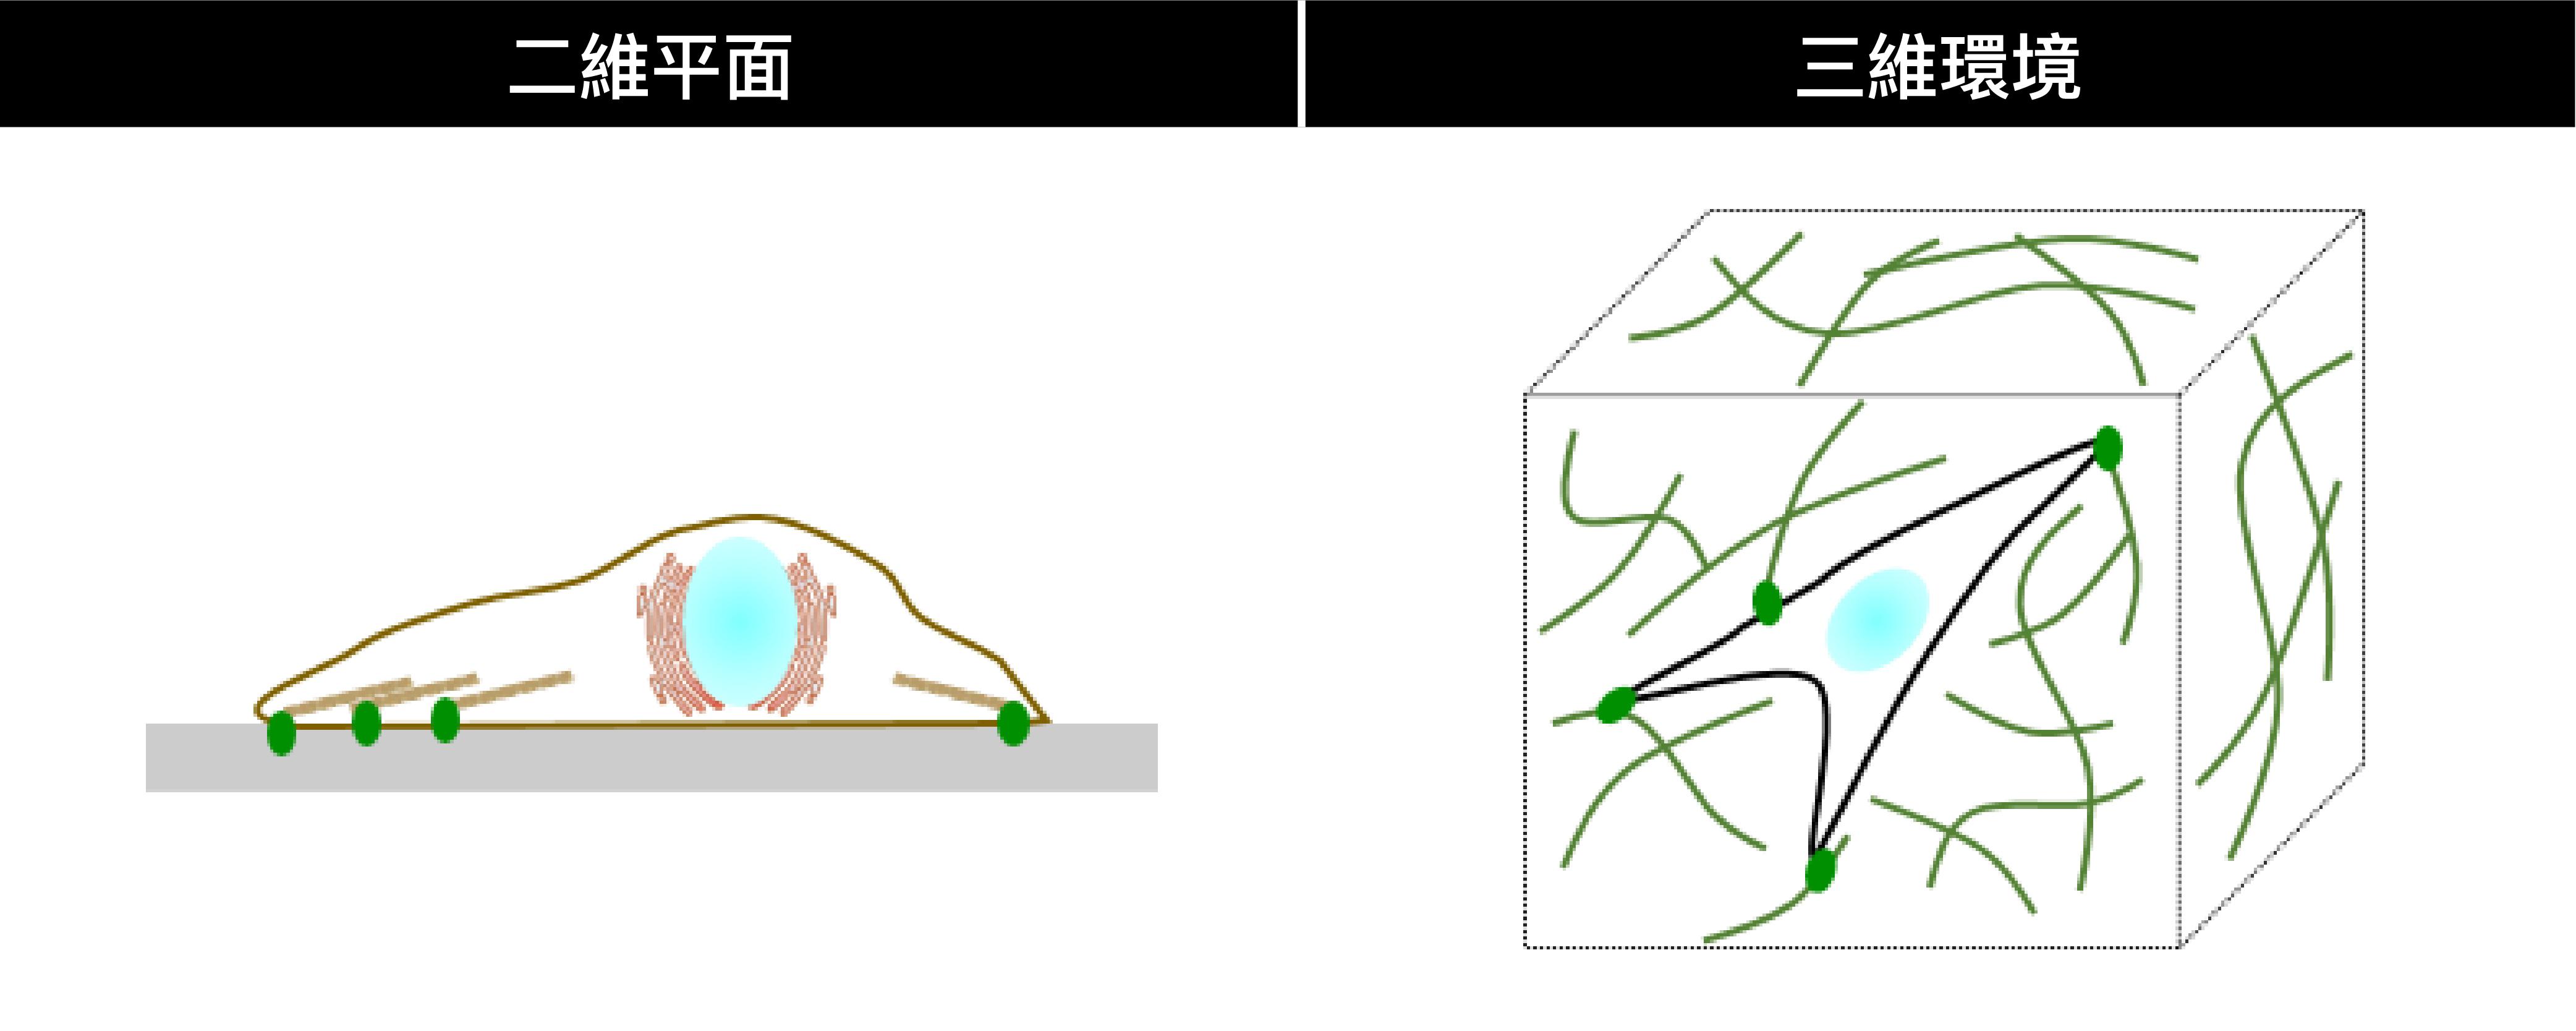 真實細胞生長於三維環境,與二維平面(如培養皿)的條件不同。 圖│林耿慧